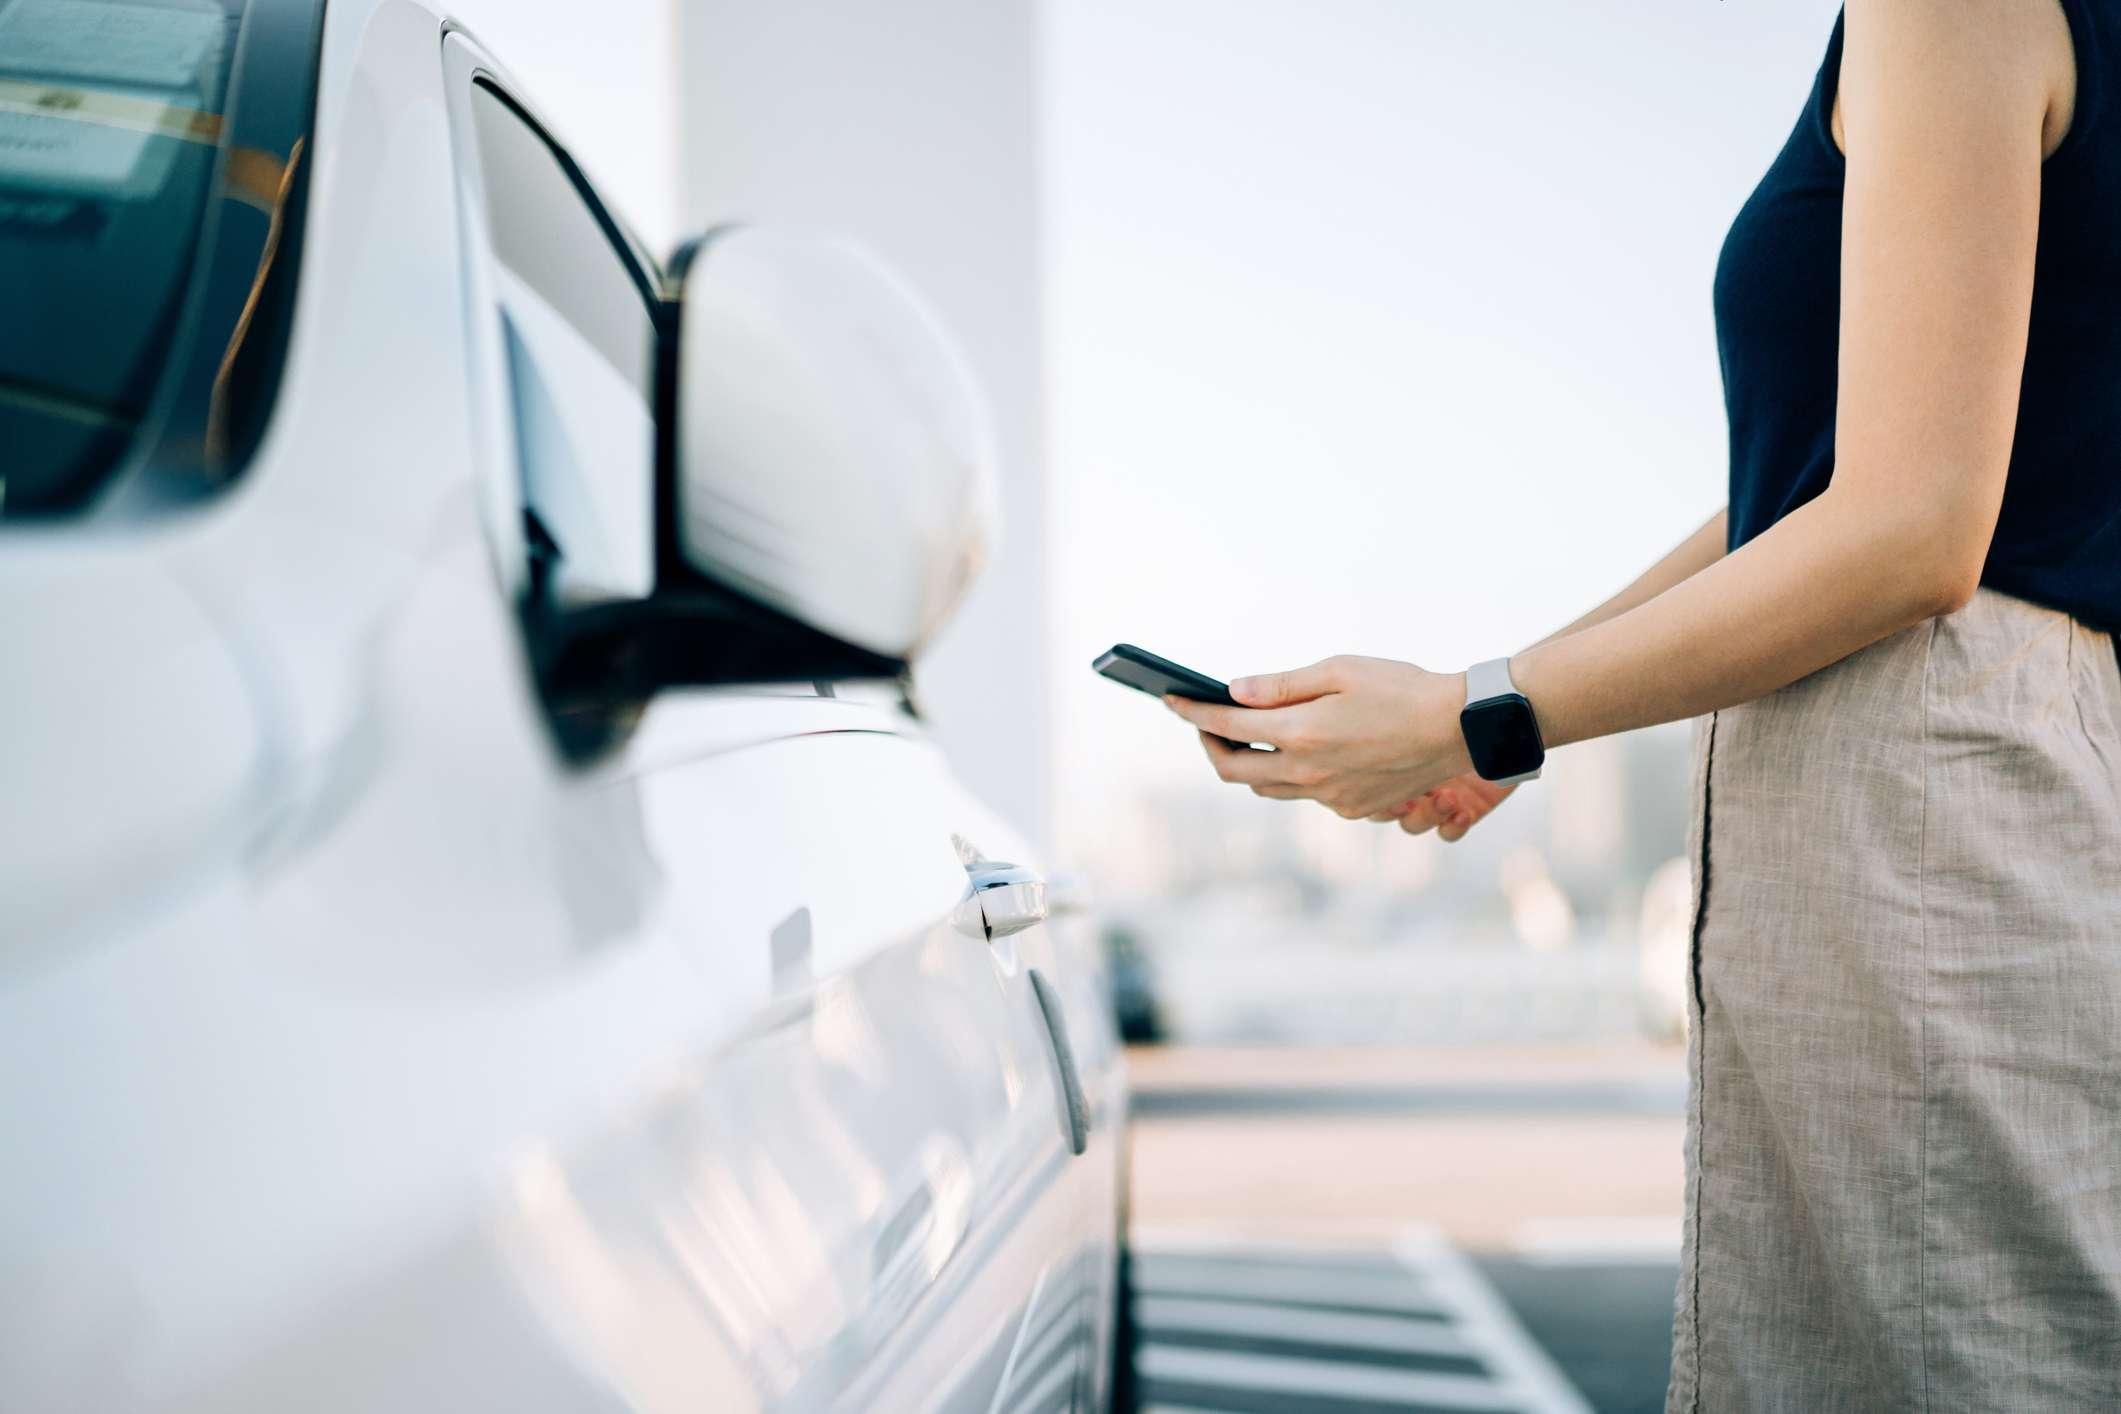 woman unlocking car door with smartphone